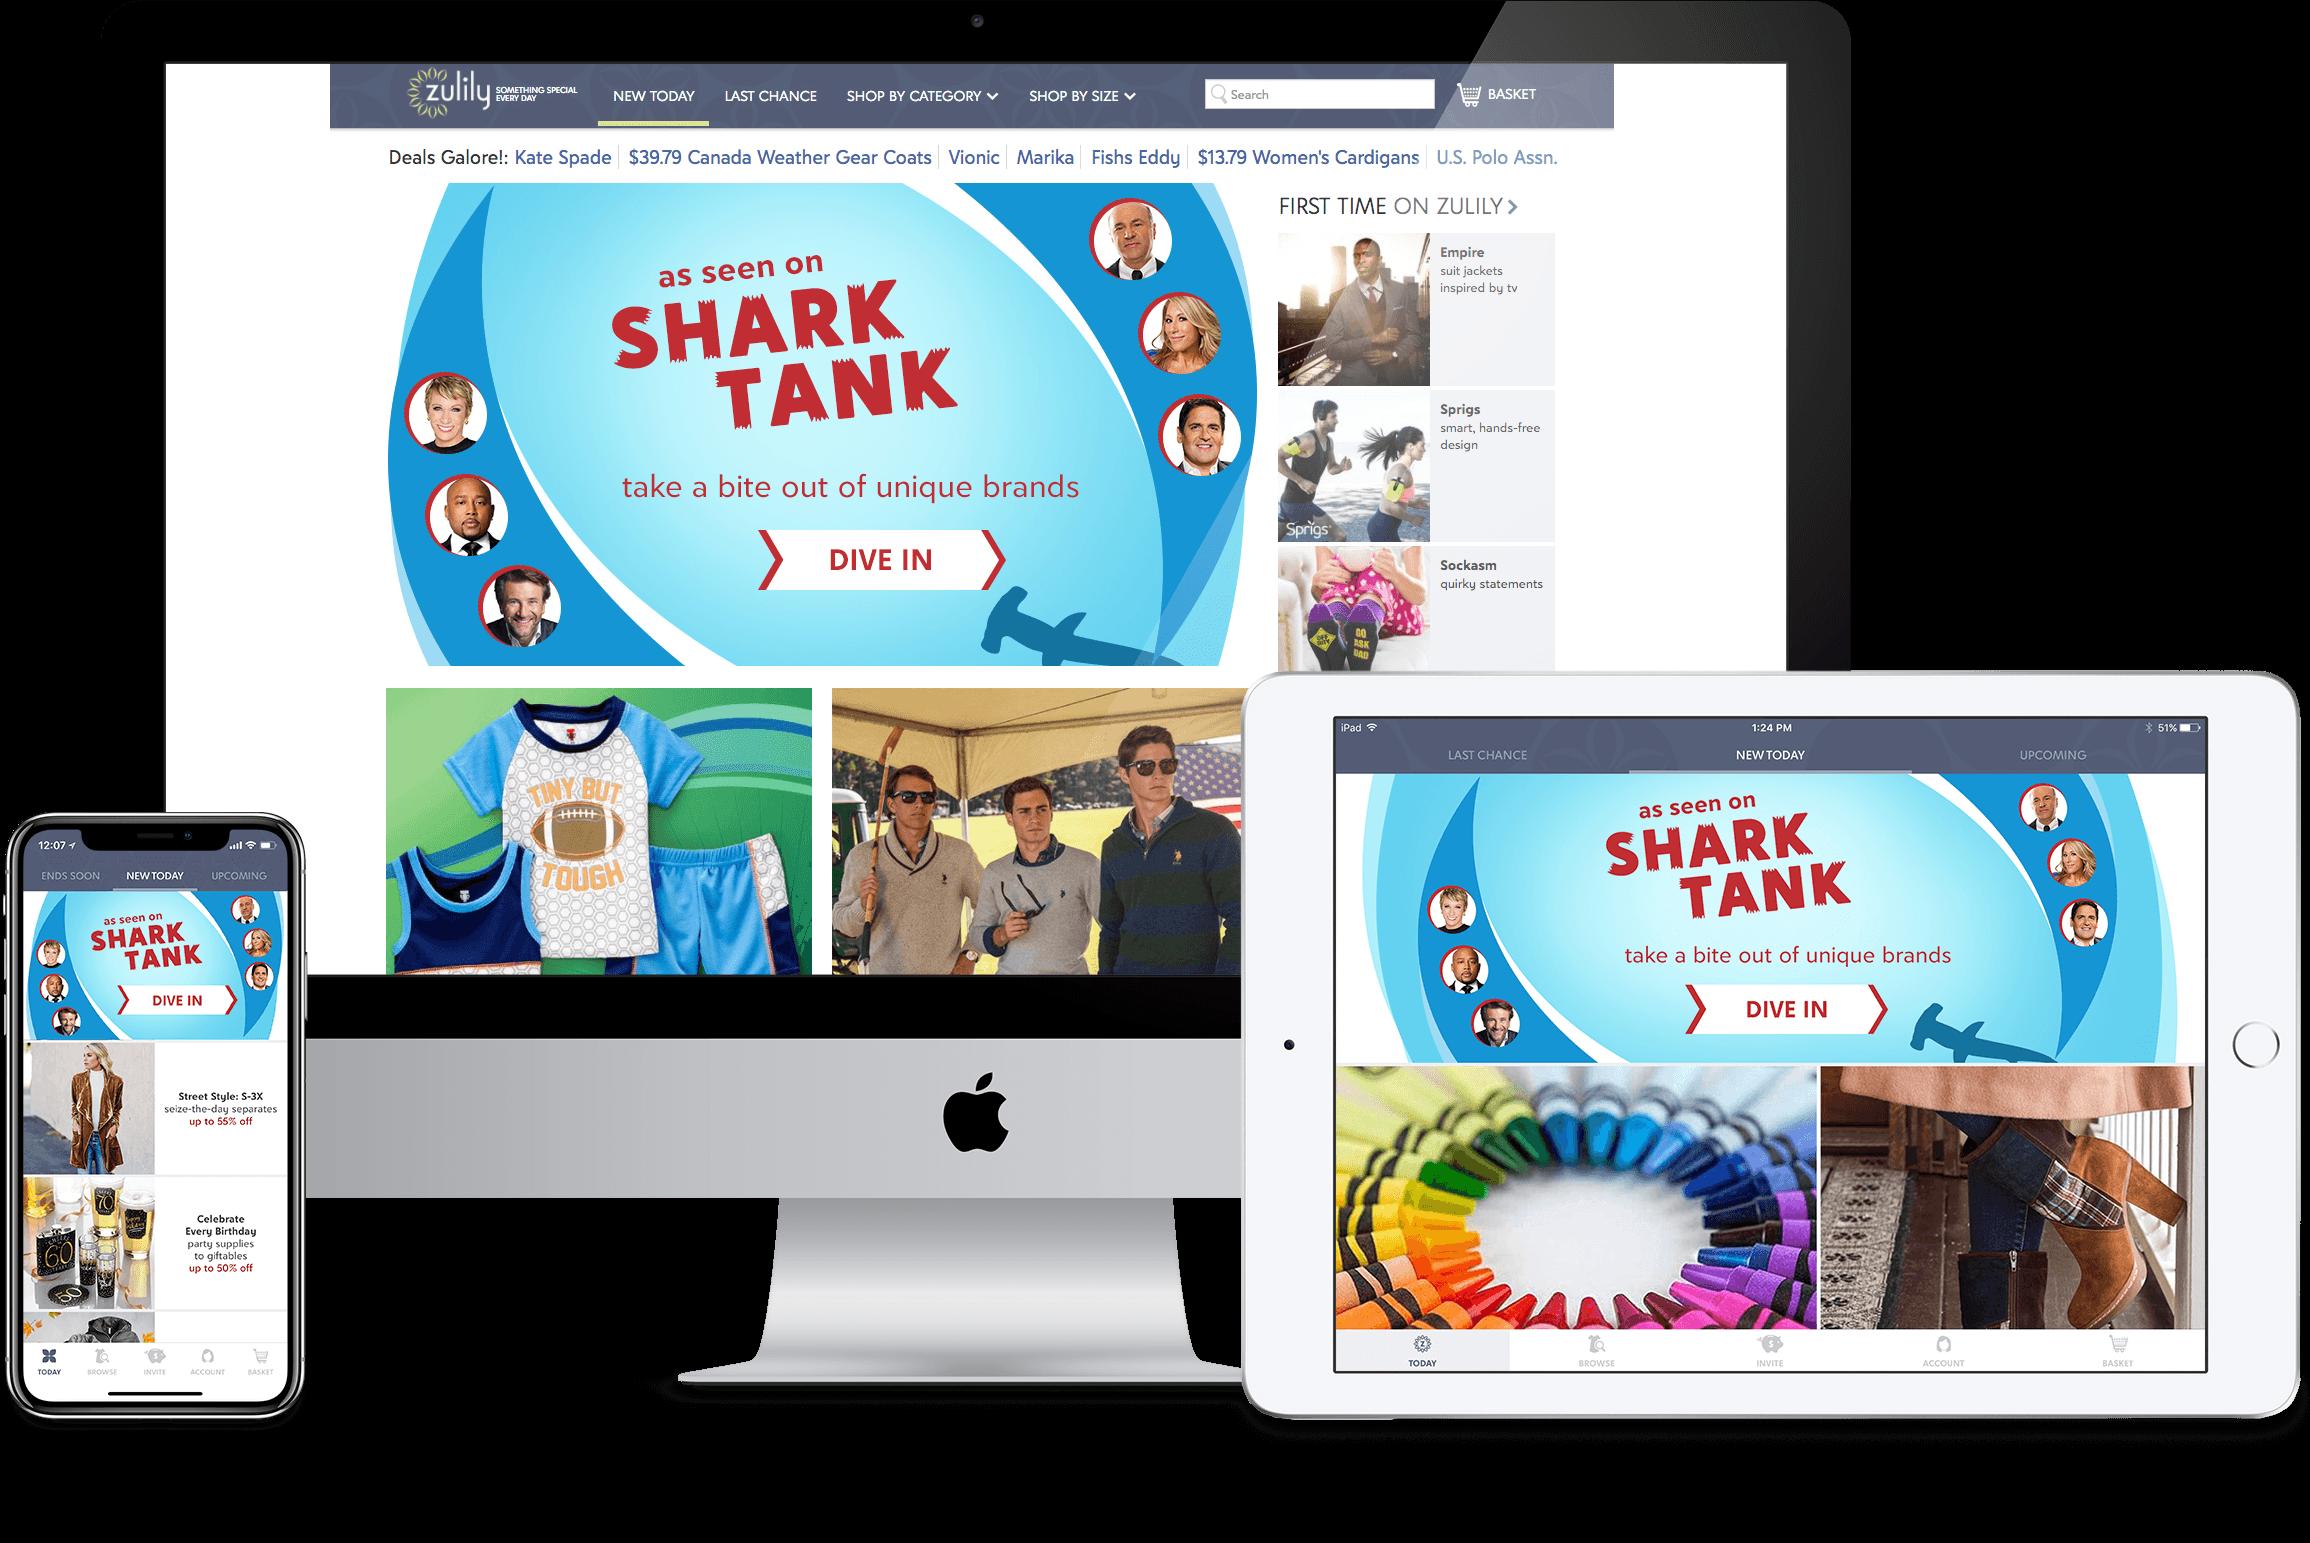 sharktank_context.png